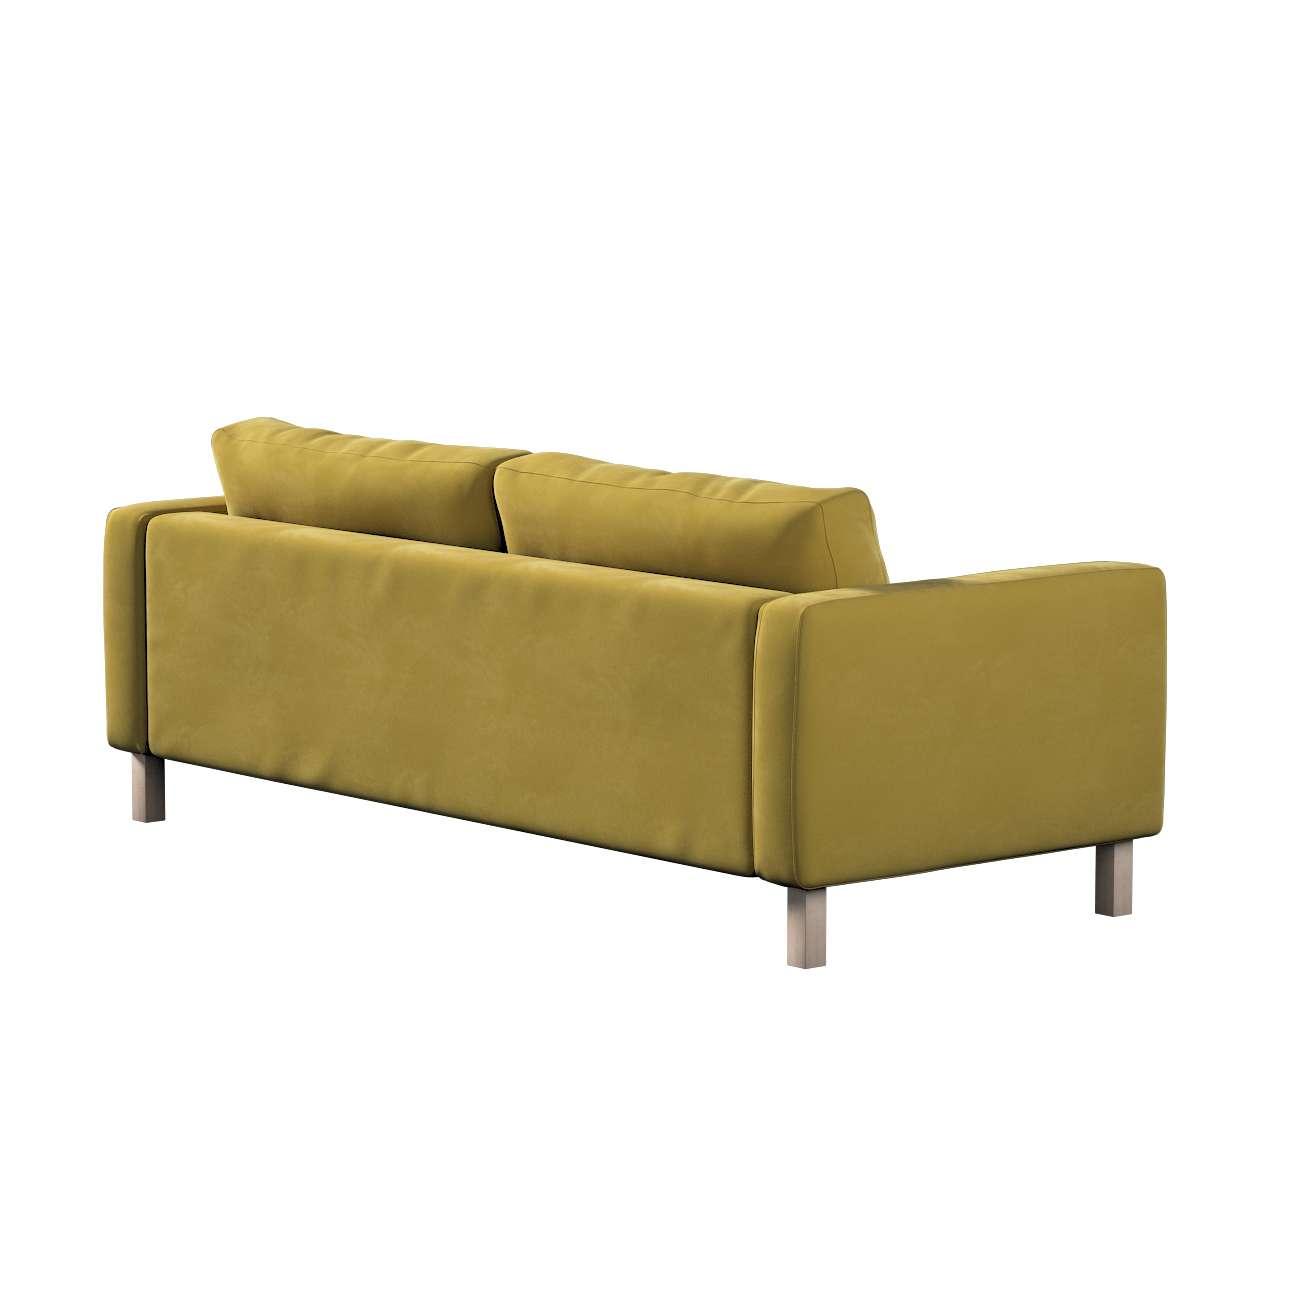 Pokrowiec na sofę Karlstad rozkładaną w kolekcji Velvet, tkanina: 704-27